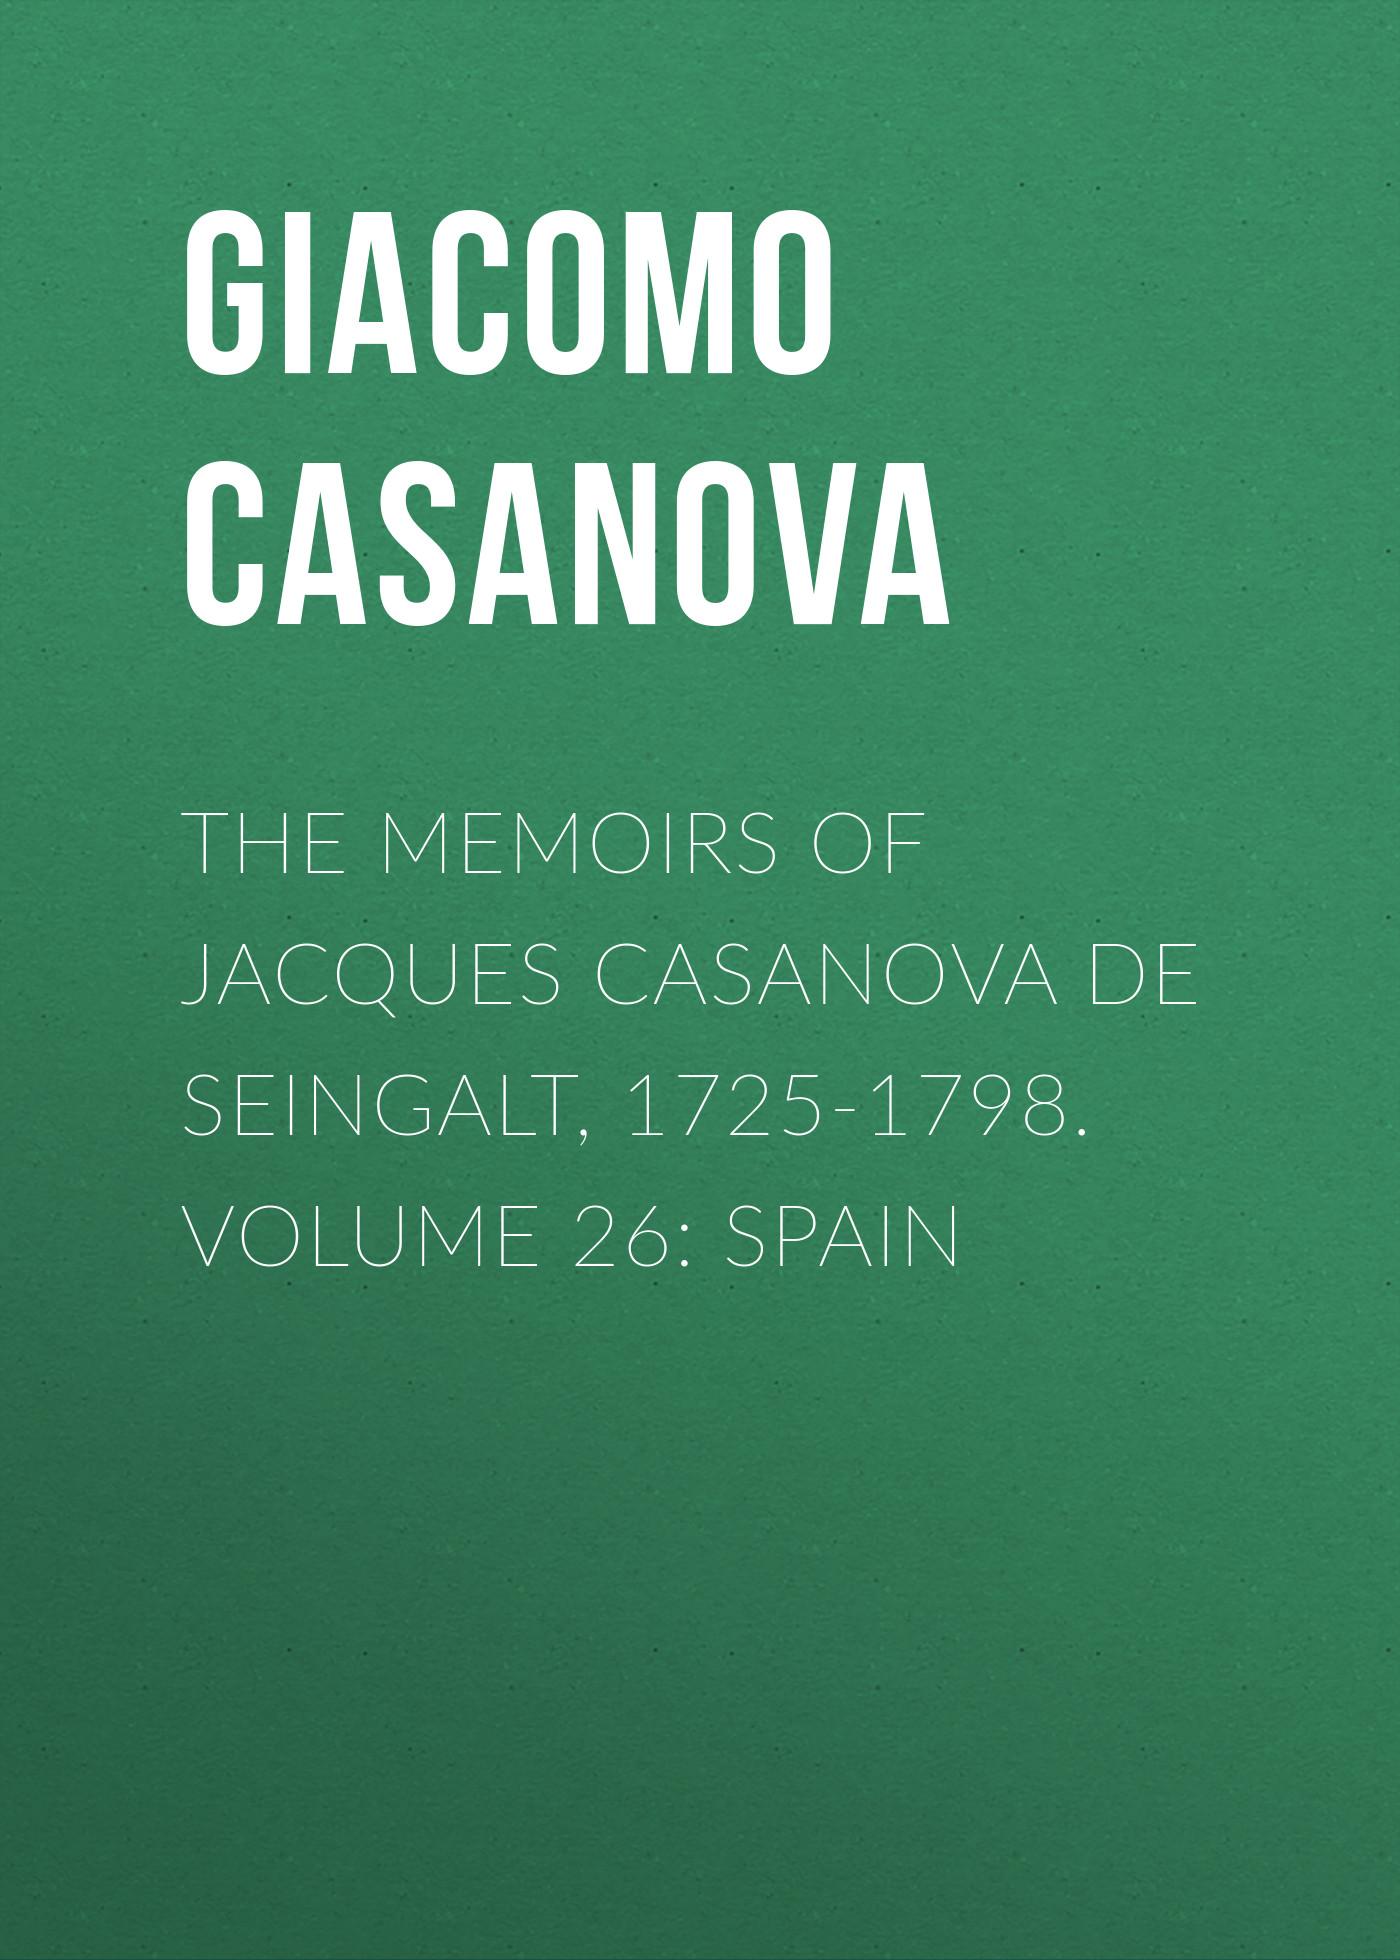 Giacomo Casanova The Memoirs of Jacques Casanova de Seingalt, 1725-1798. Volume 26: Spain giacomo casanova the memoirs of jacques casanova de seingalt 1725 1798 volume 17 return to italy